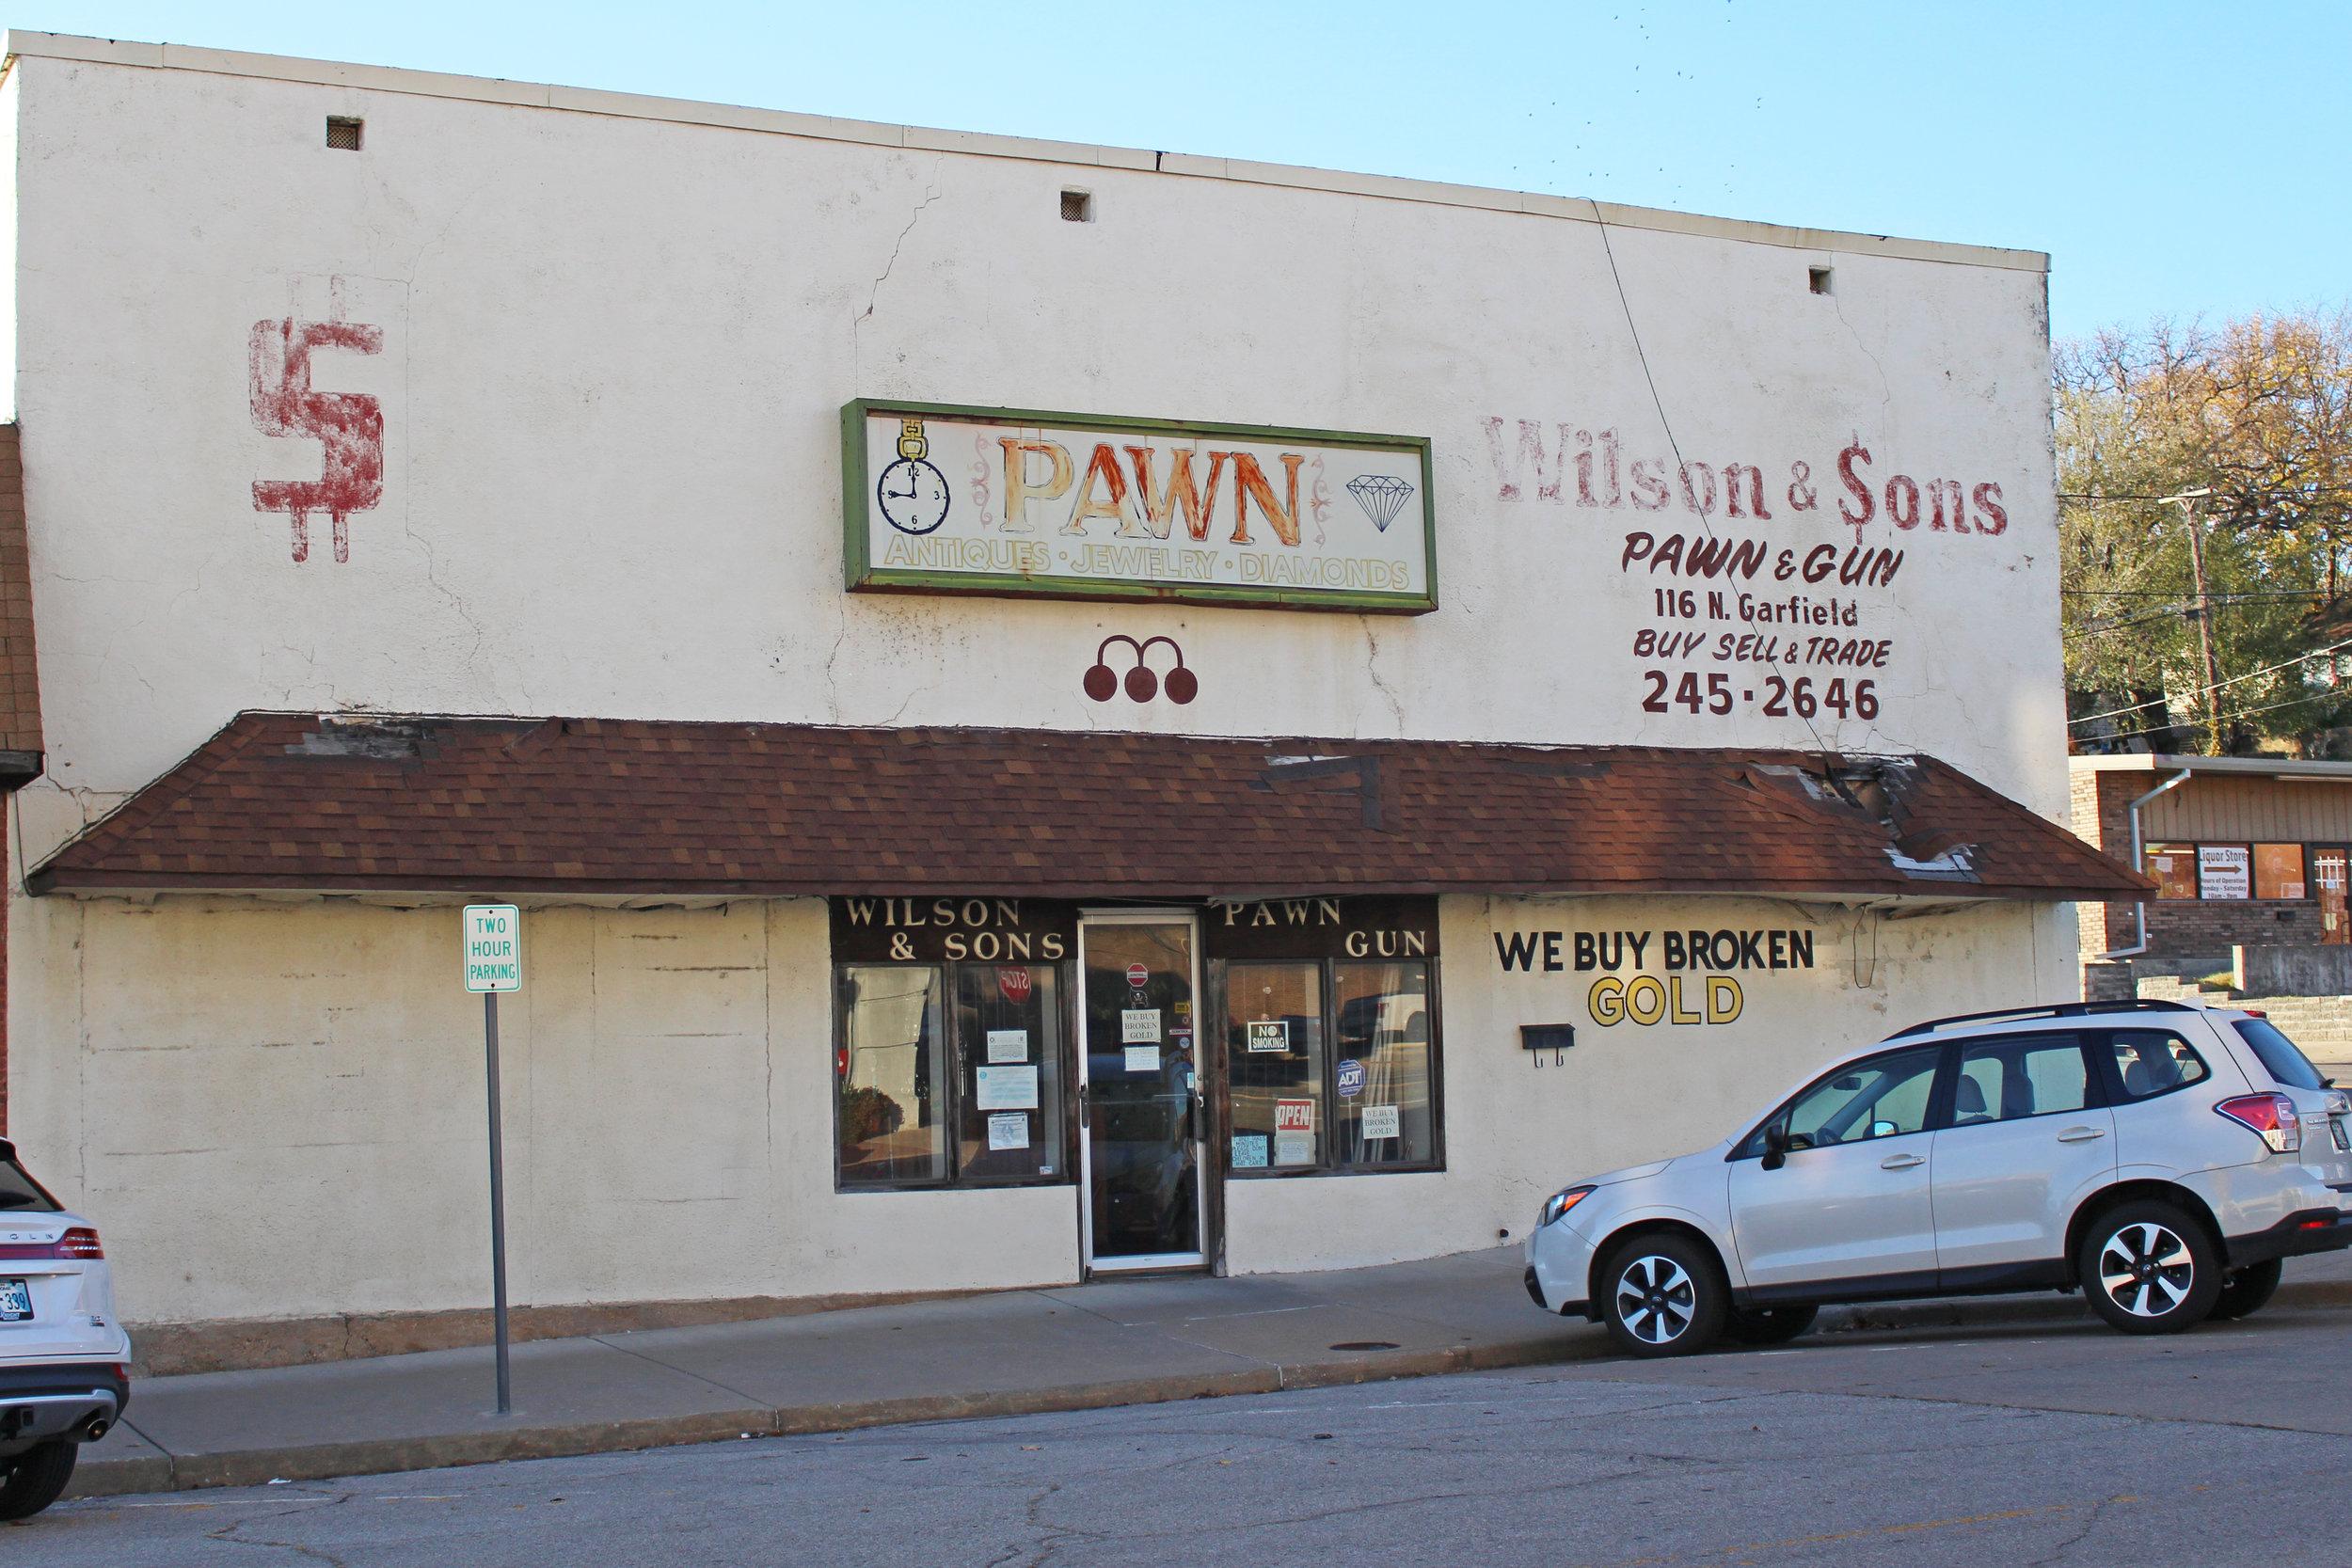 wilson & Sons Pawn & Gun - downtown 116 north garfield avenue